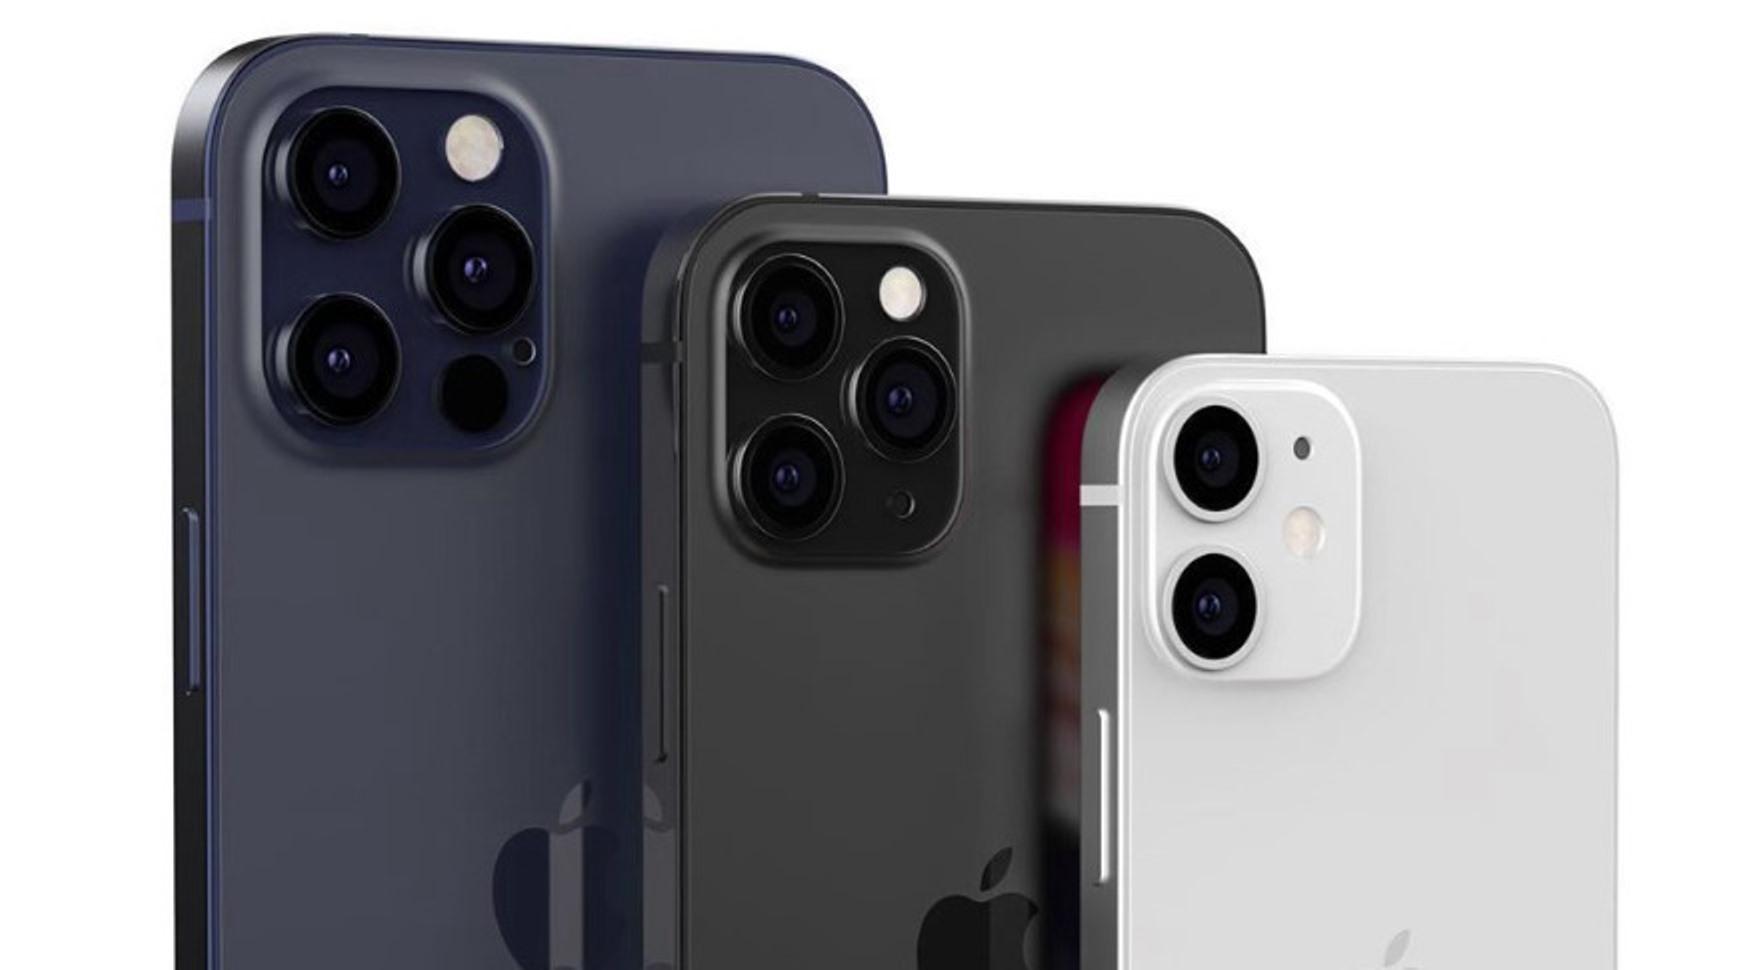 Apple musí zaplatit pokutu za klamavou reklamu u iPhonů